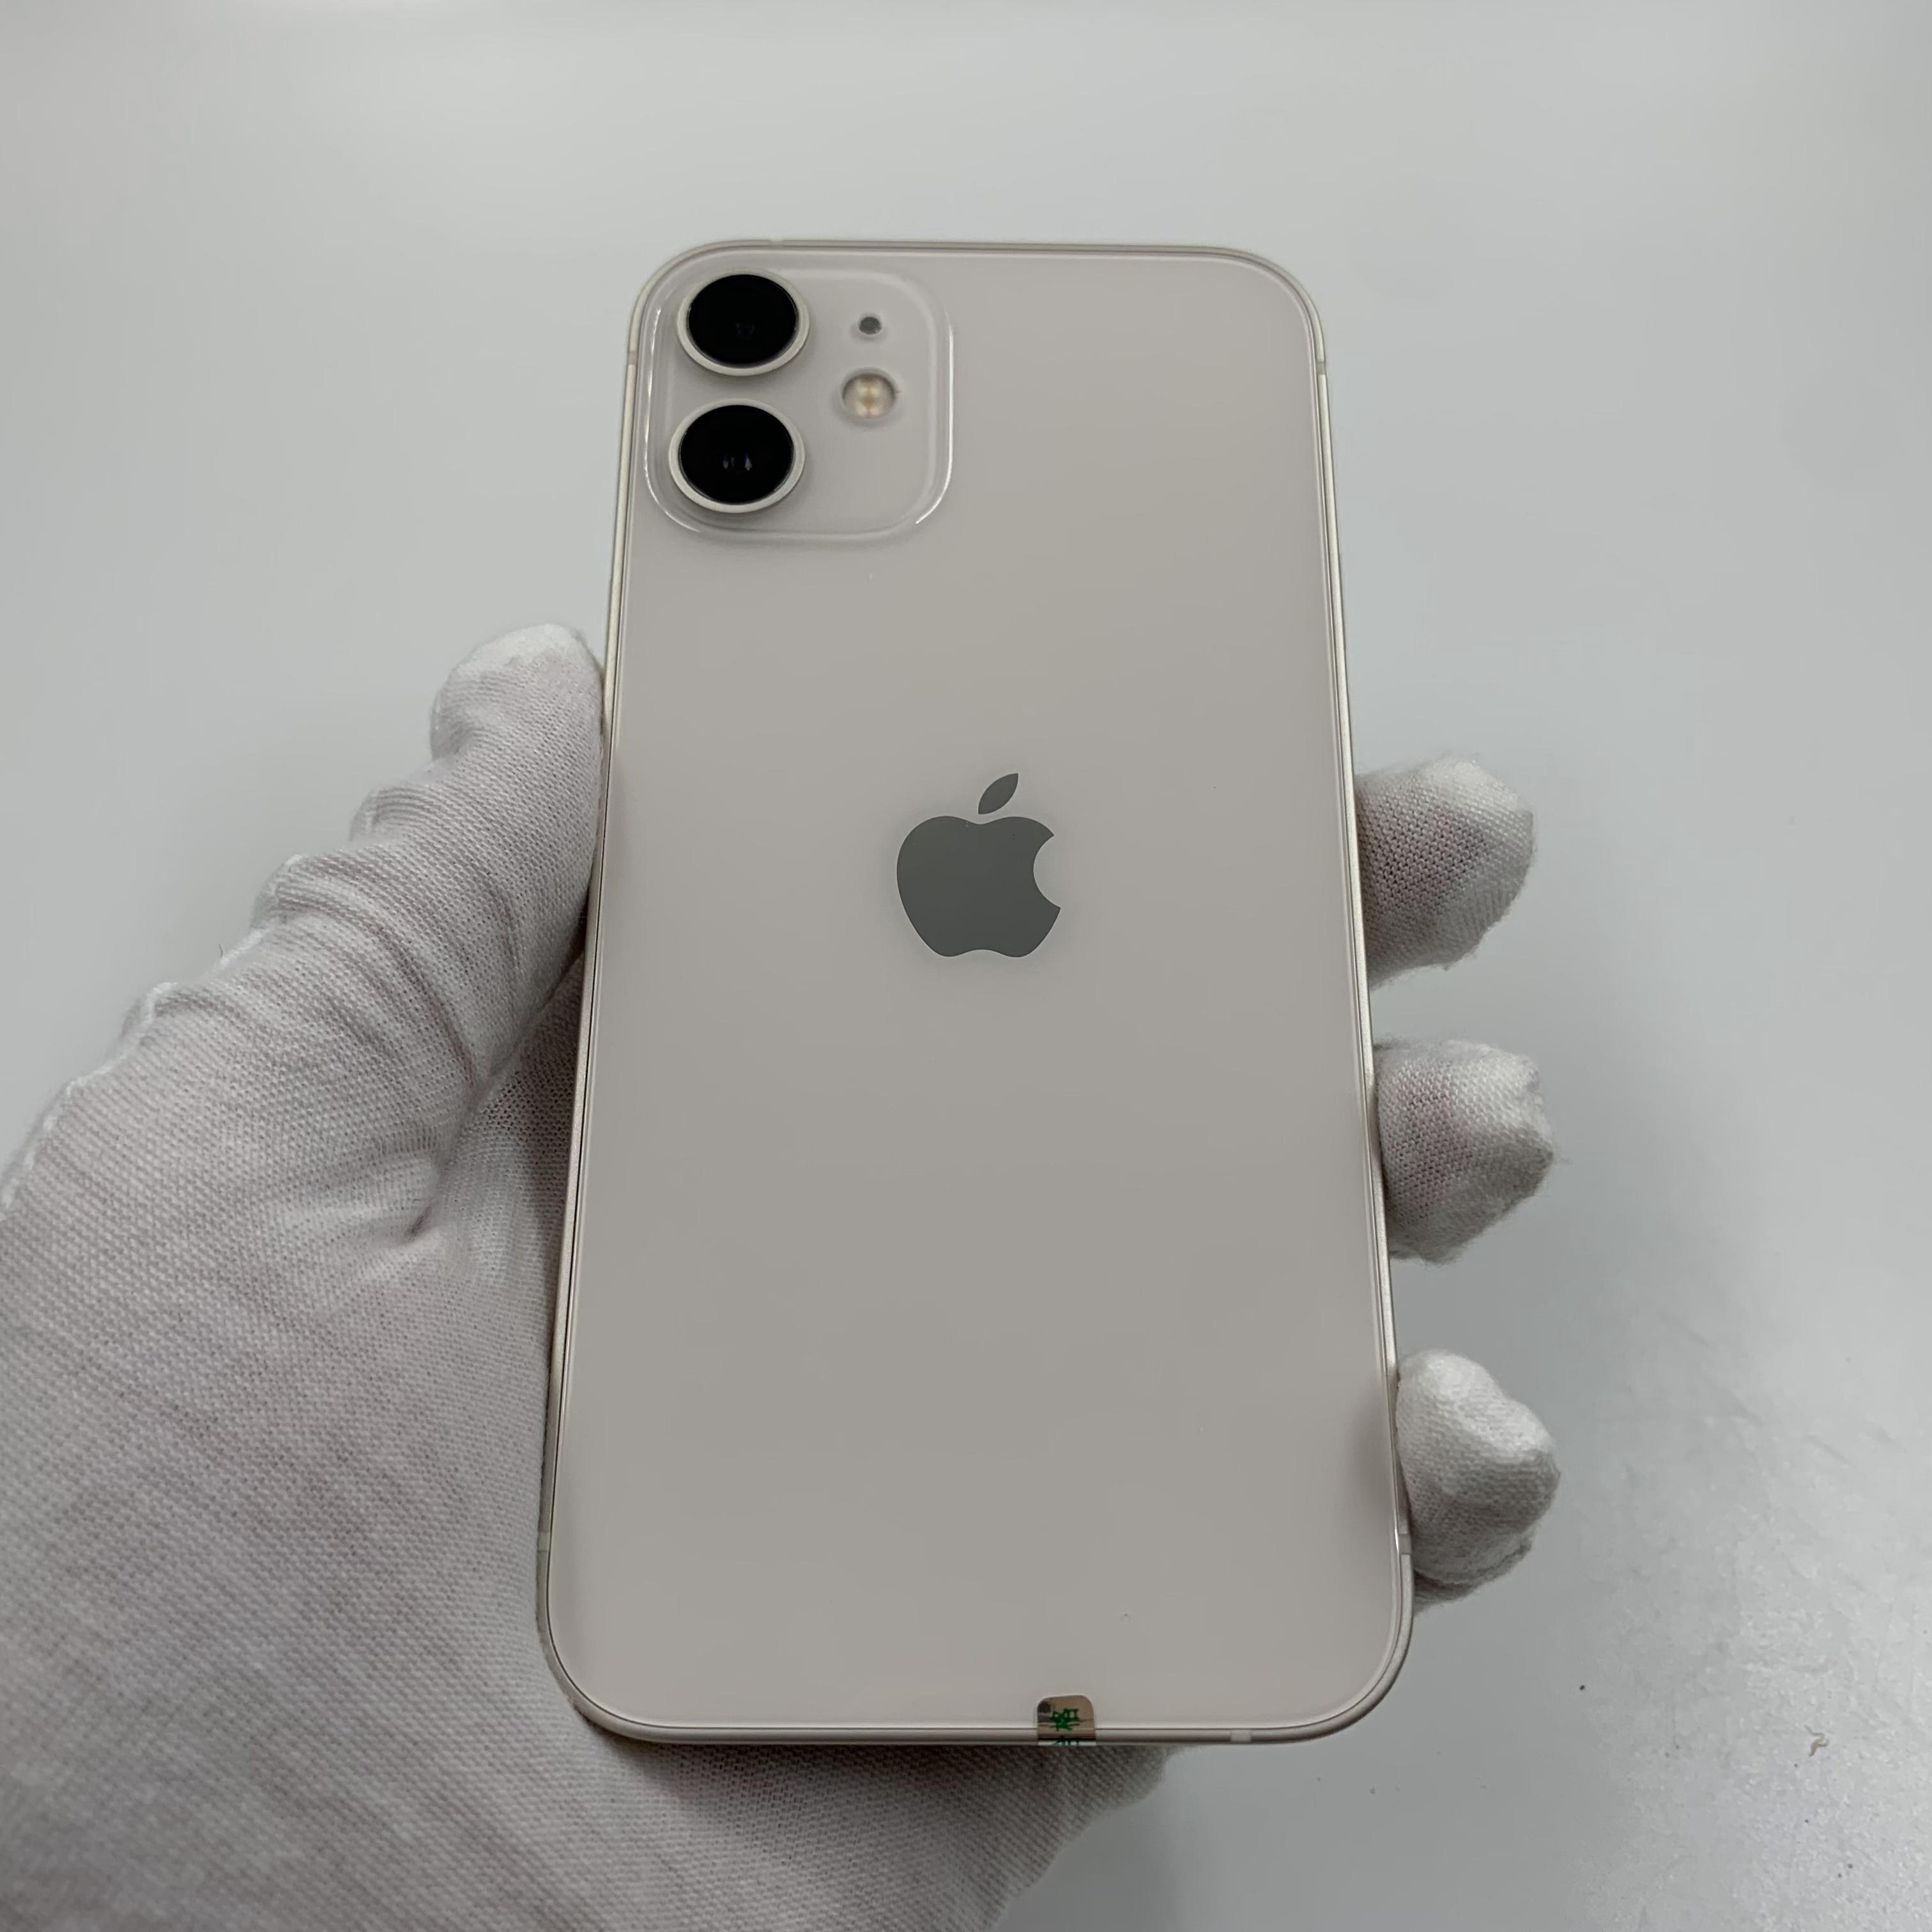 苹果【iPhone 12 mini】5G全网通 白色 256G 国行 95新 真机实拍官保2022-04-16